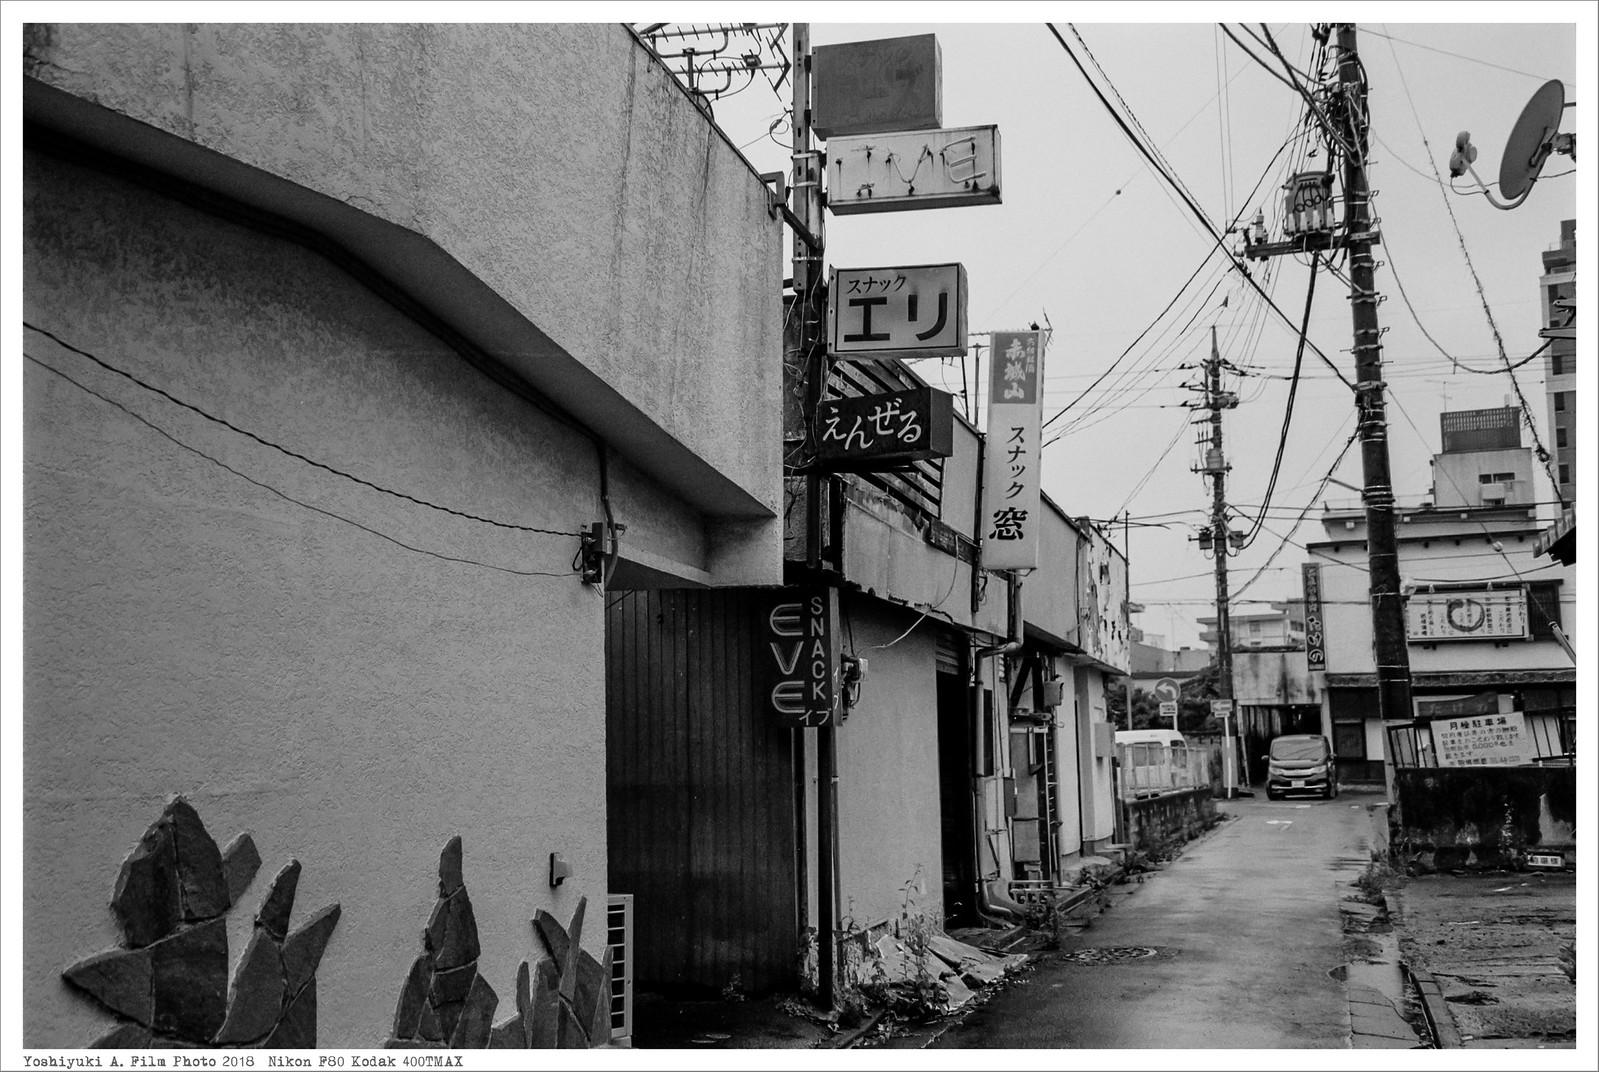 群馬県 桐生市 Nikon_F80_Kodak_400TMAX__06